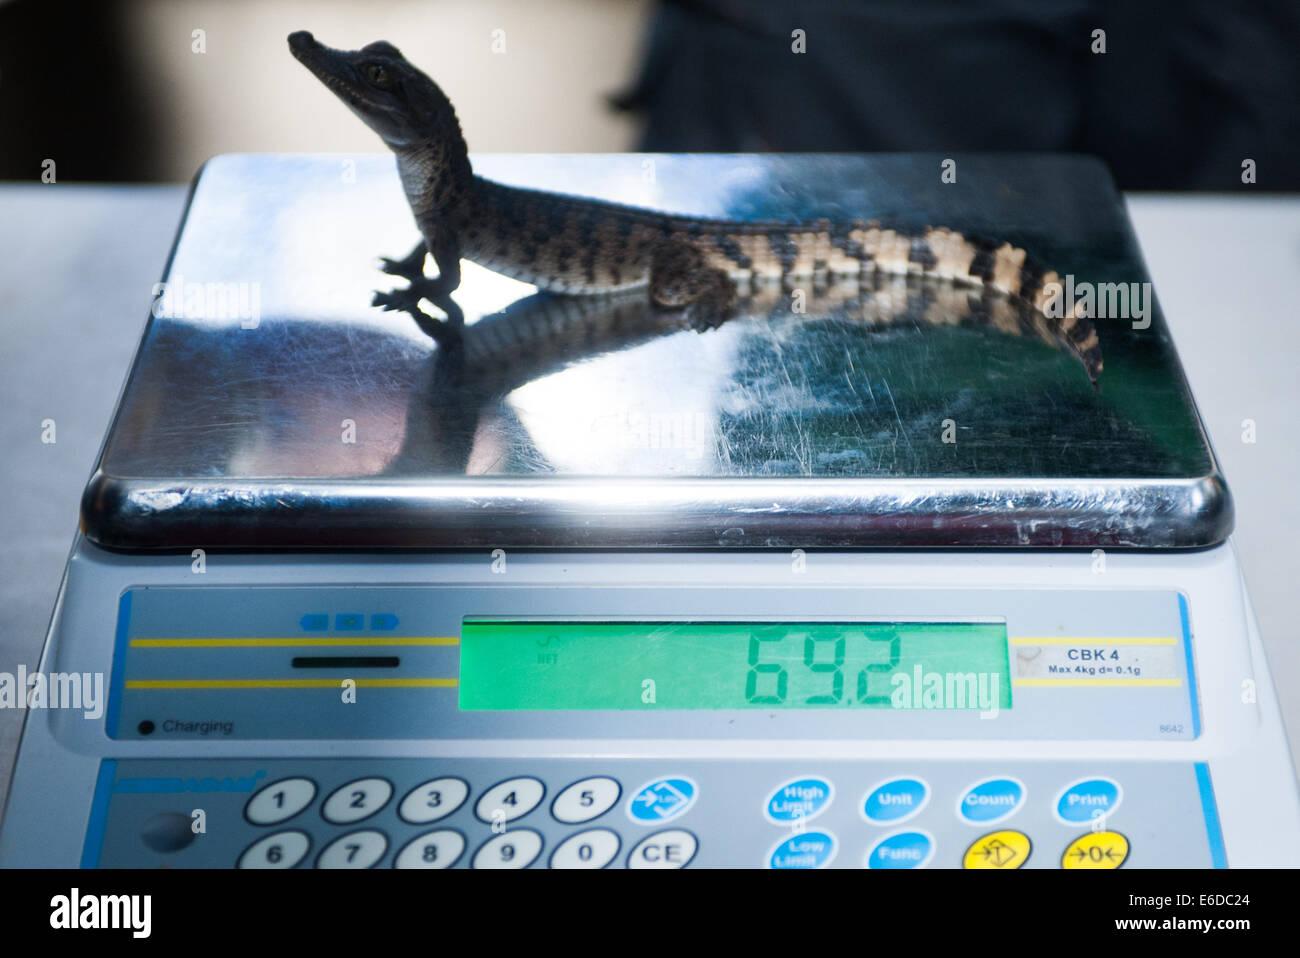 London, UK. 21. August 2014. 7 Wochen Phillipine Krokodil, 79 Gramm, misst während der ZSL London Zoo jährliche Stockfoto